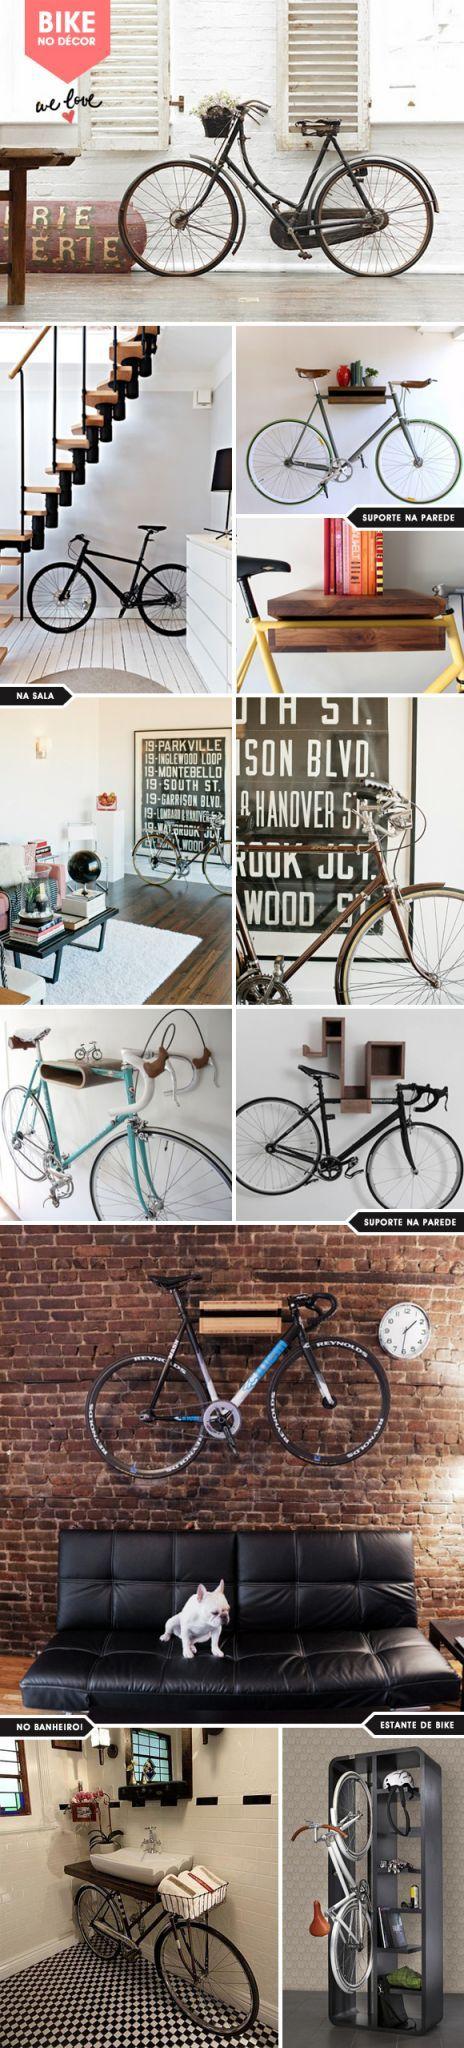 O que fazer com a sua magrela enquanto não estiver usando? Confira aqui algumas dicas de como adotar a bike no décor!